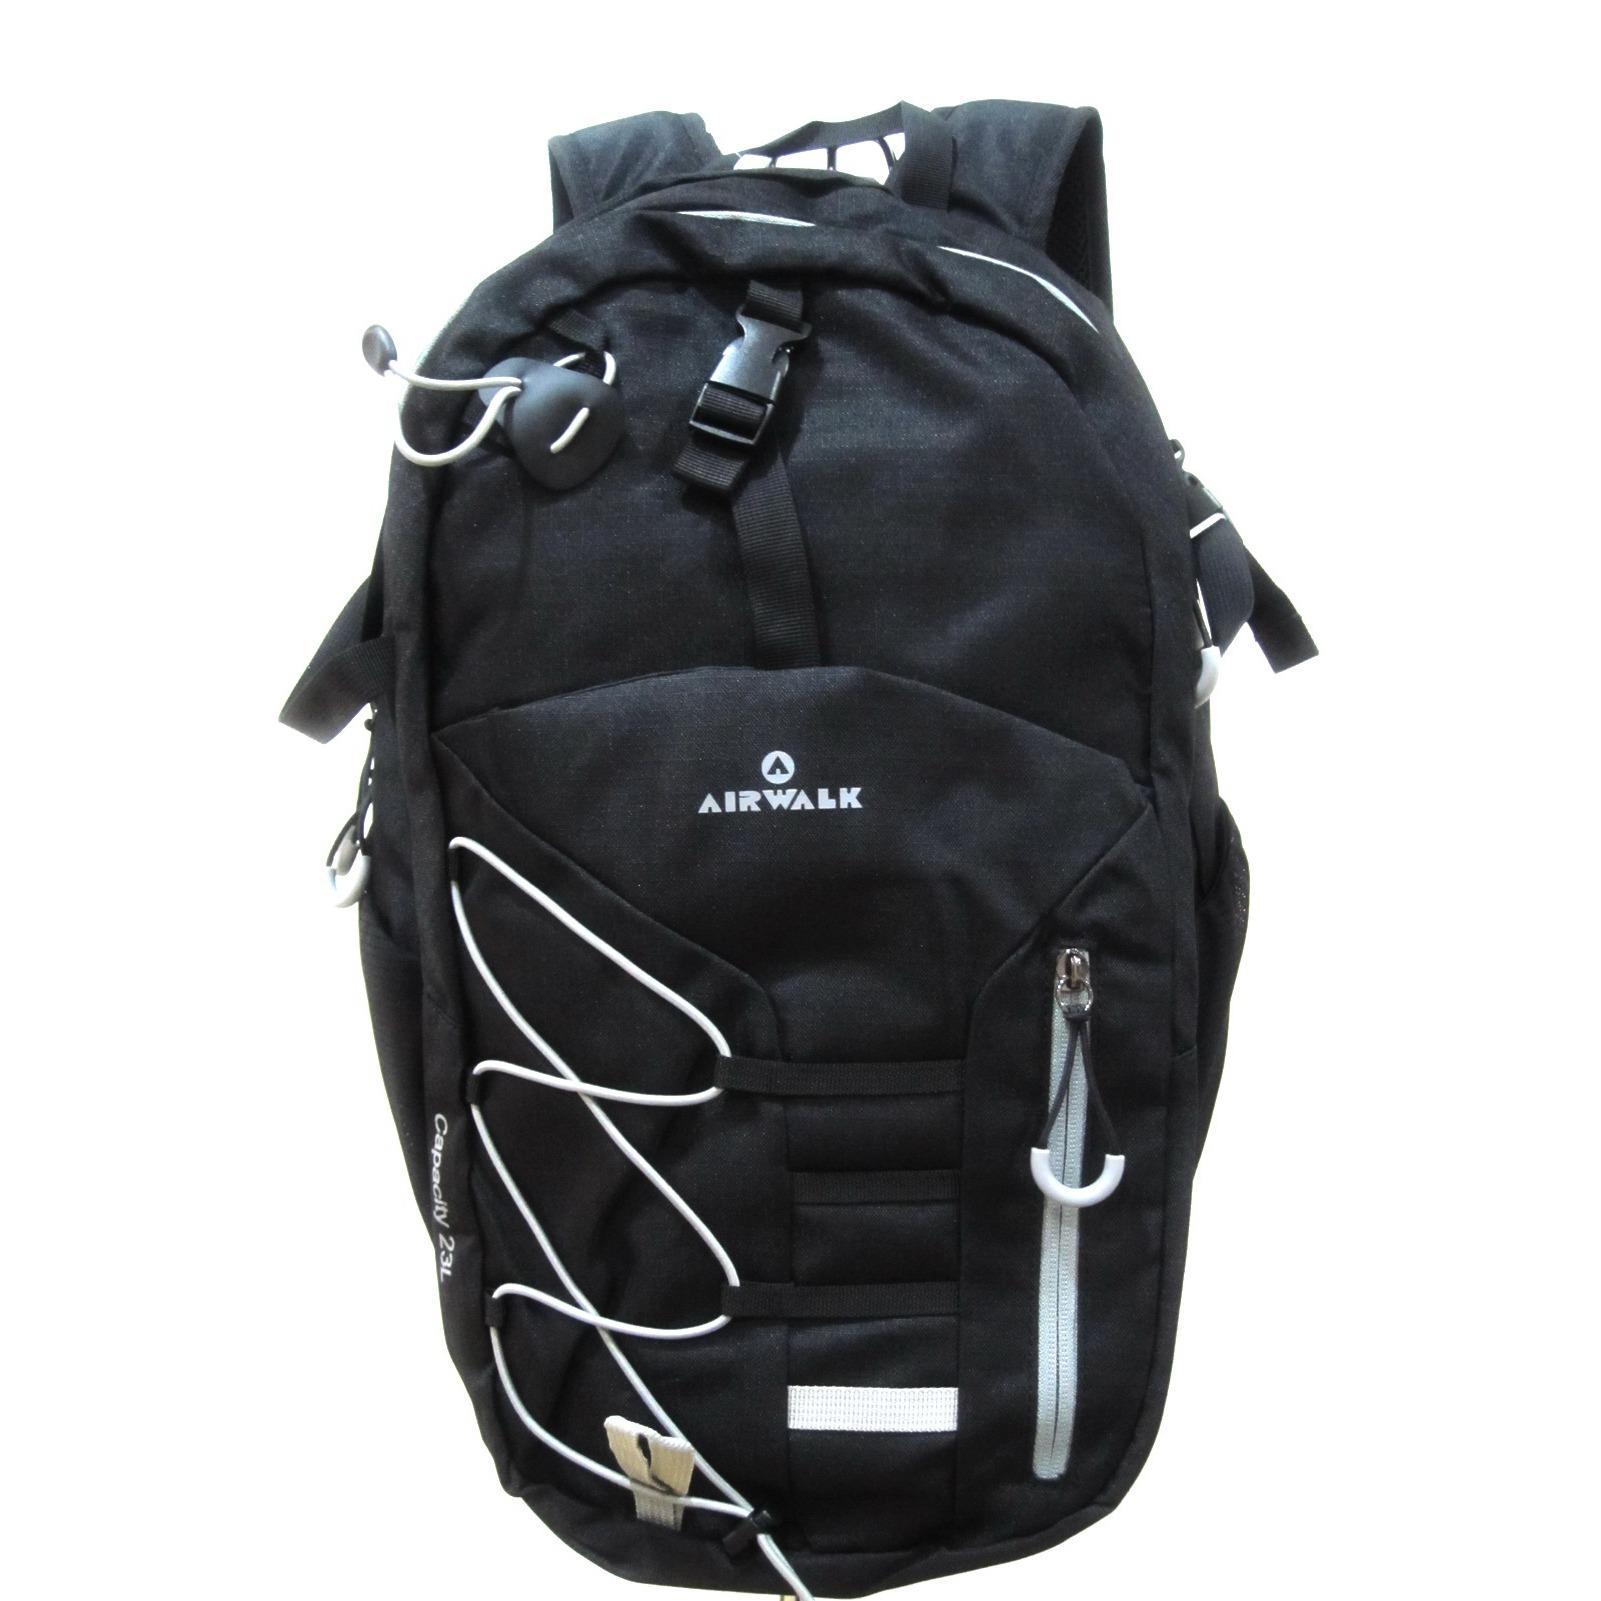 Fashion Backpacks for sale - Designer Backpack for Men online brands ... 65636ddc15